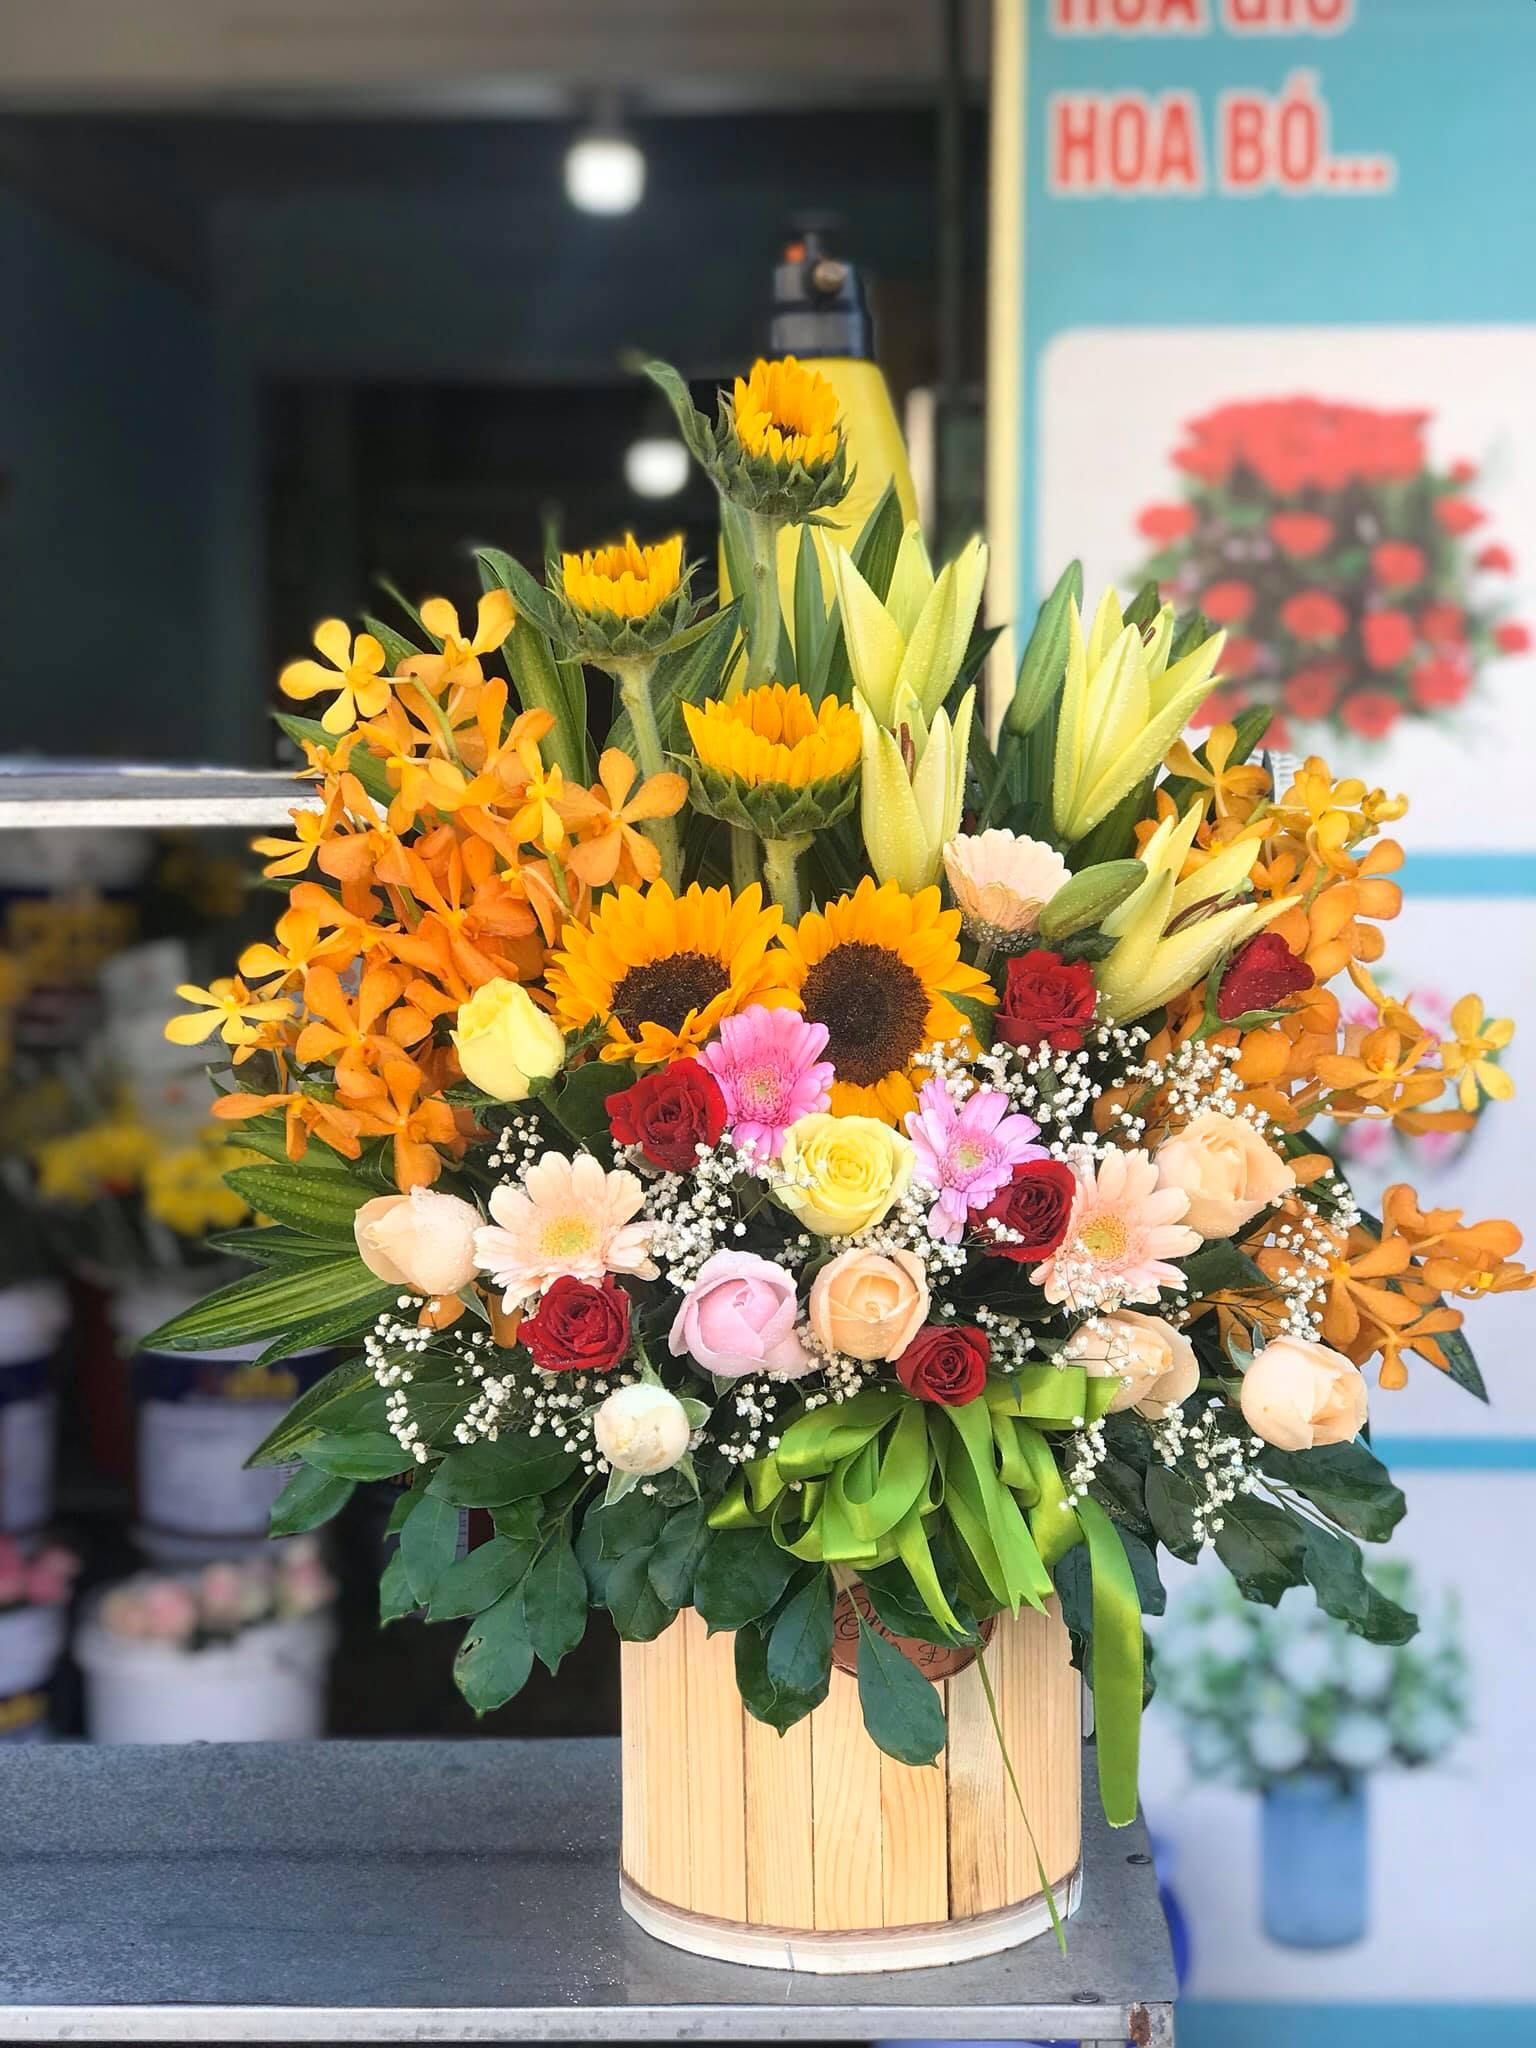 Cửa hàng hoa thị trấn Châu Ổ